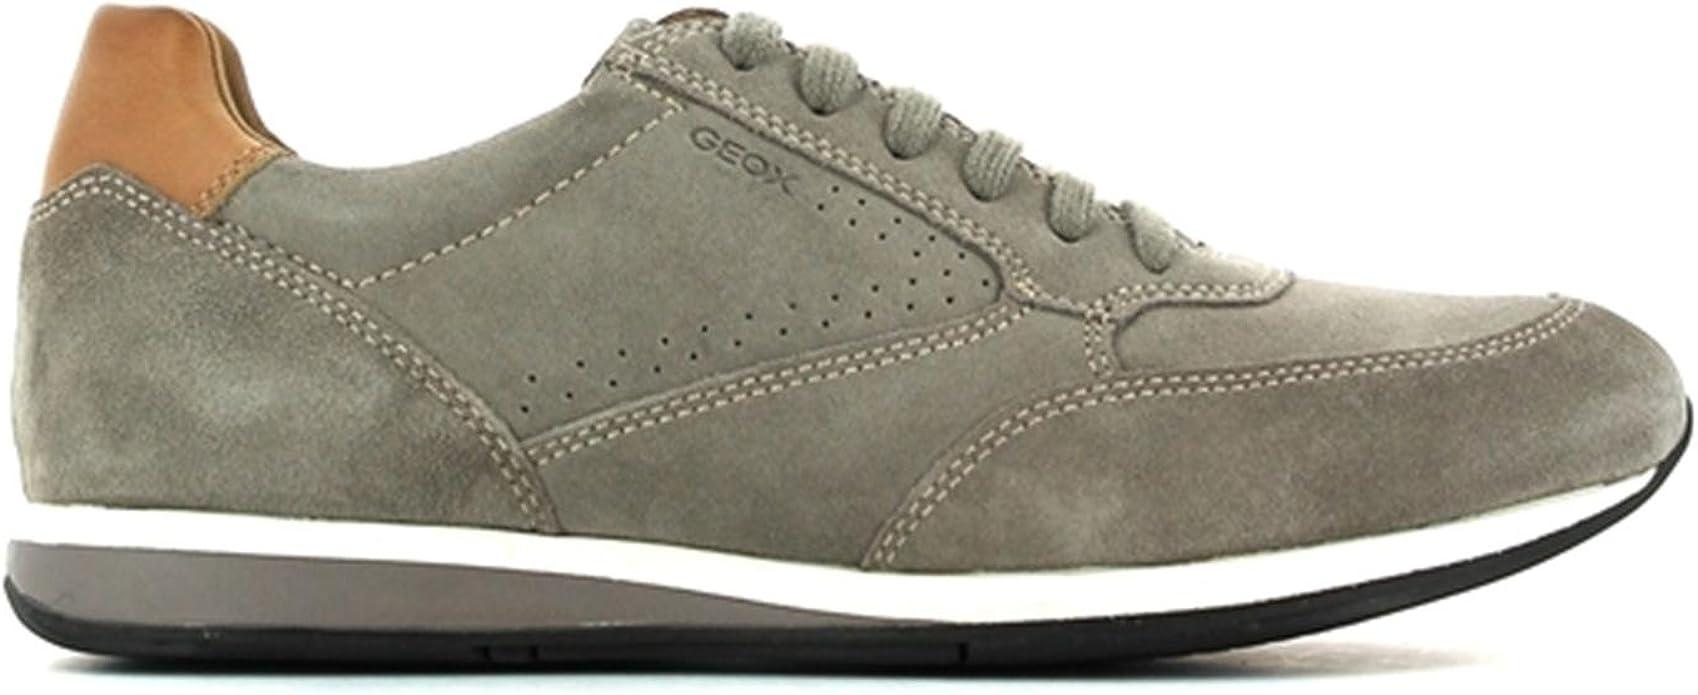 Geox , Herren Sneaker Beige Taupe, Beige Taupe Größe: 41